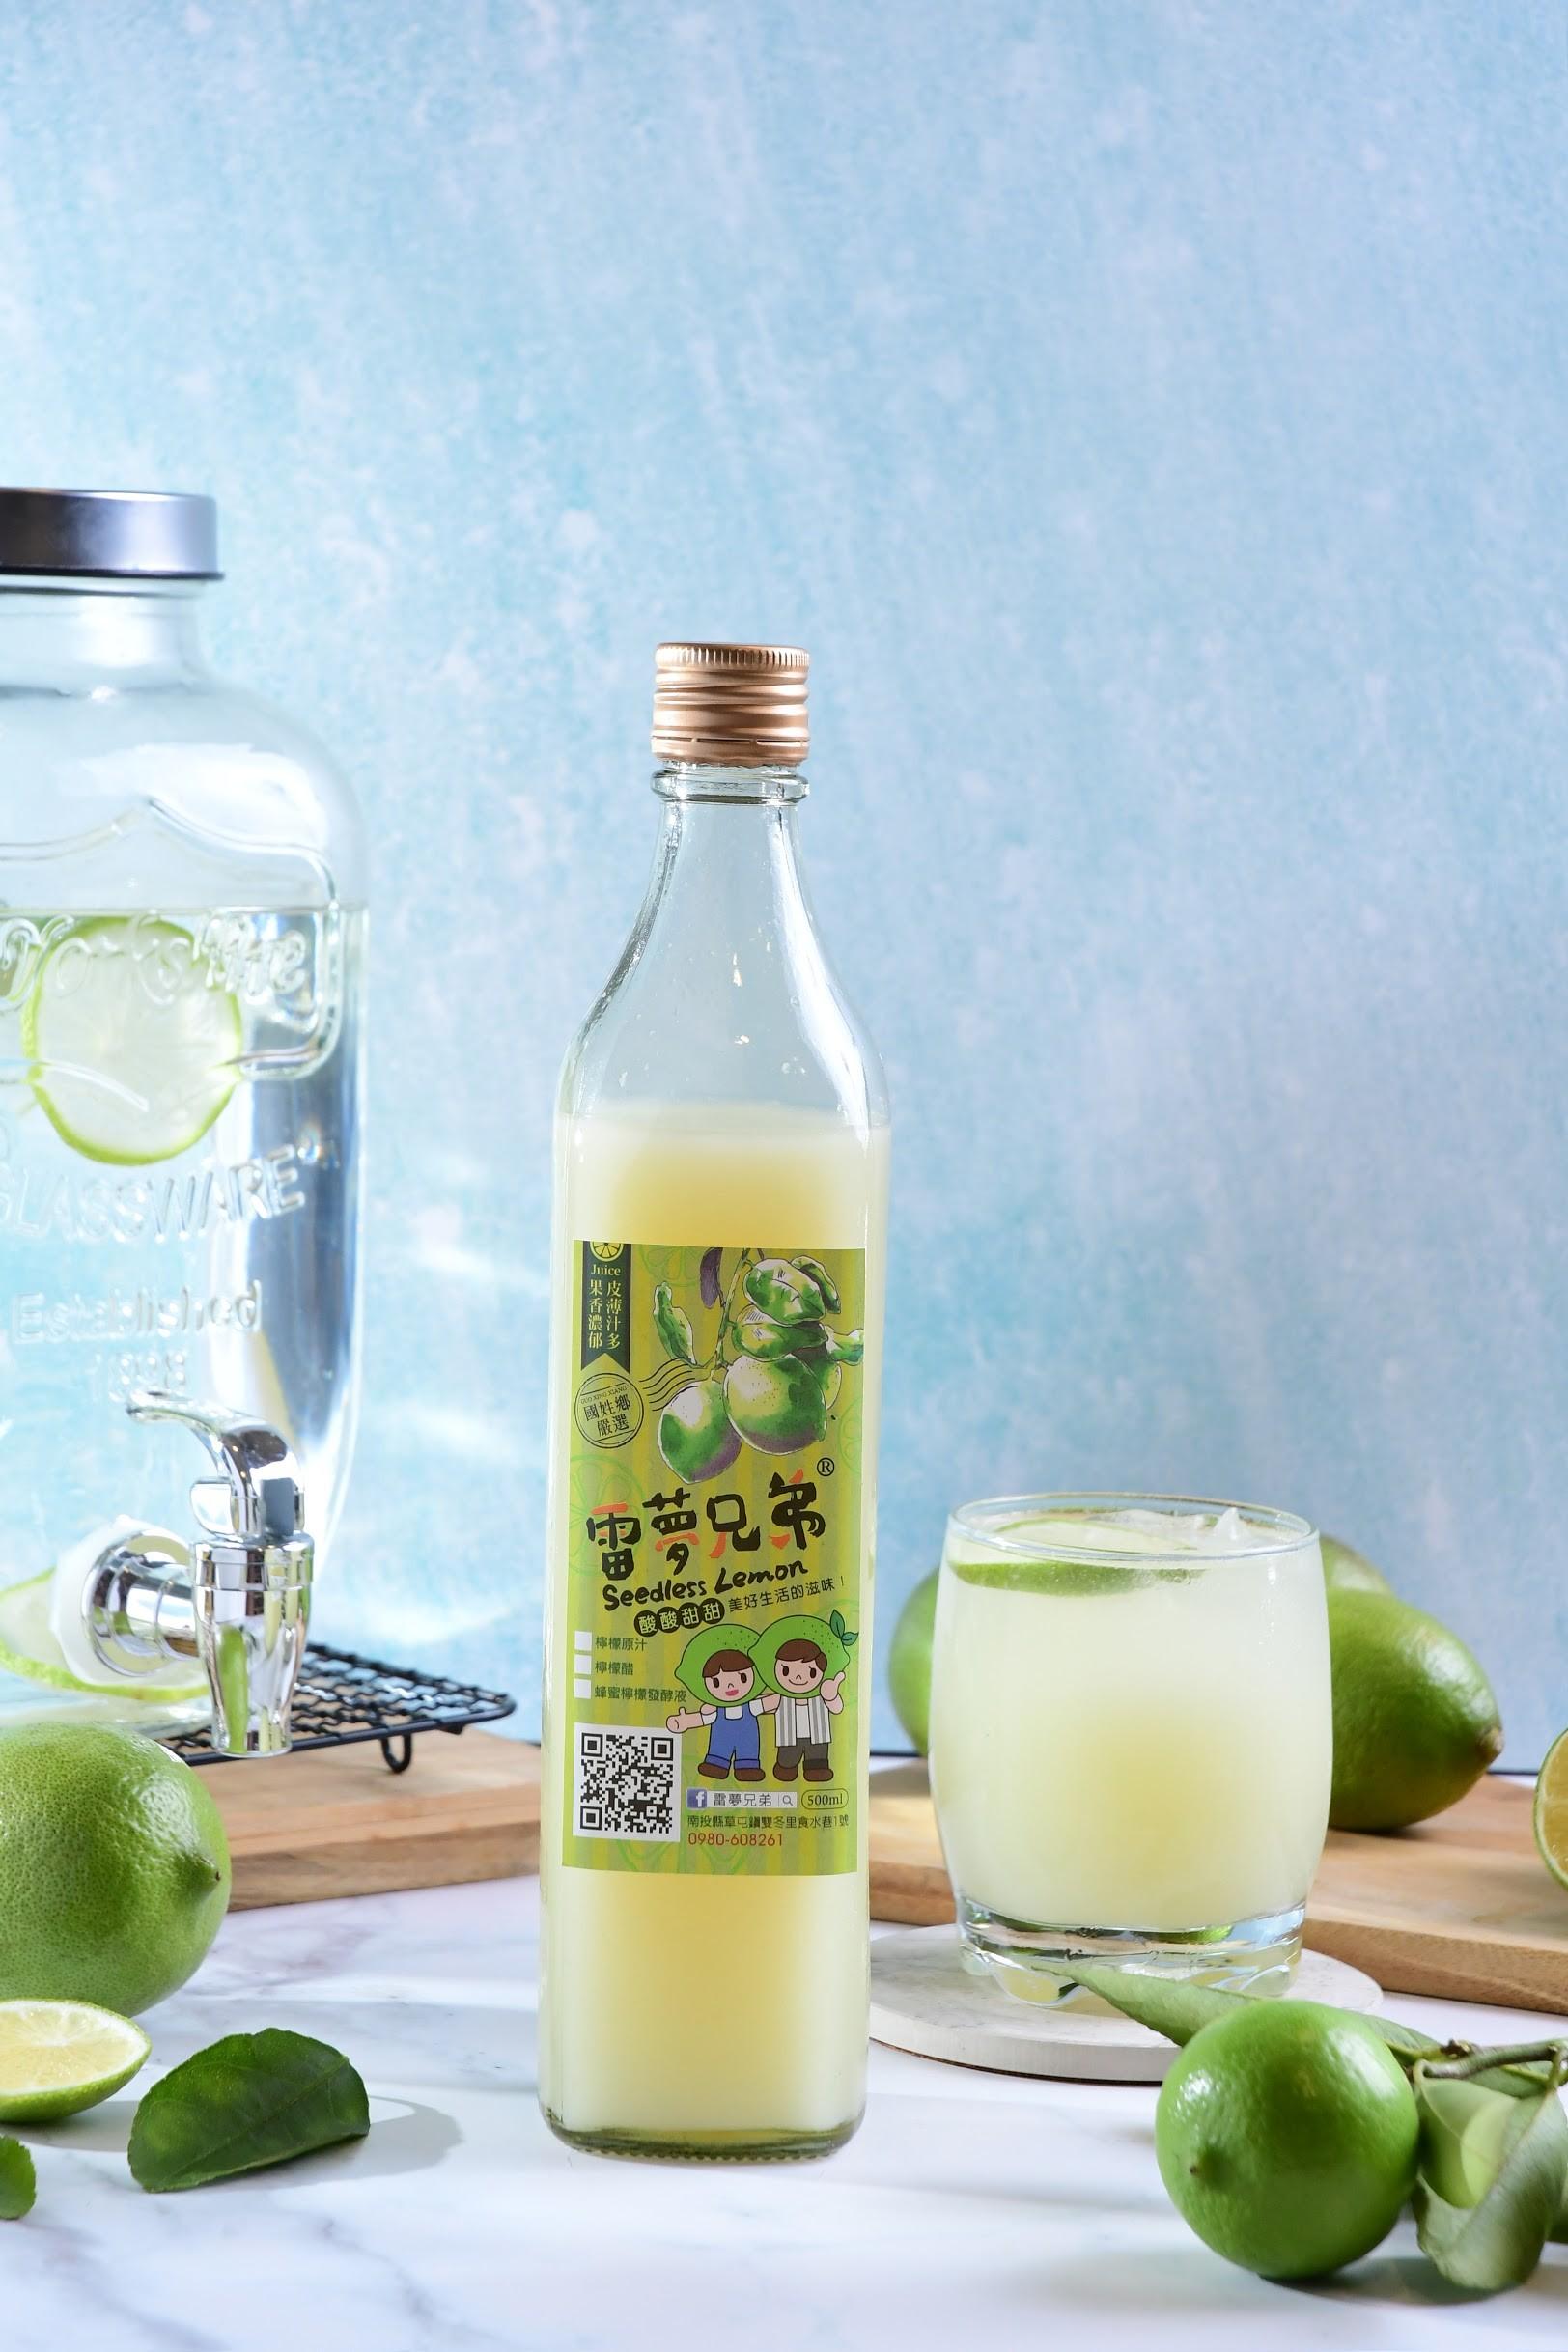 無毒檸檬原汁 | 鮮檸檬汁 | 檸檬汁 | 檸檬水 | TLS全新生活500cc